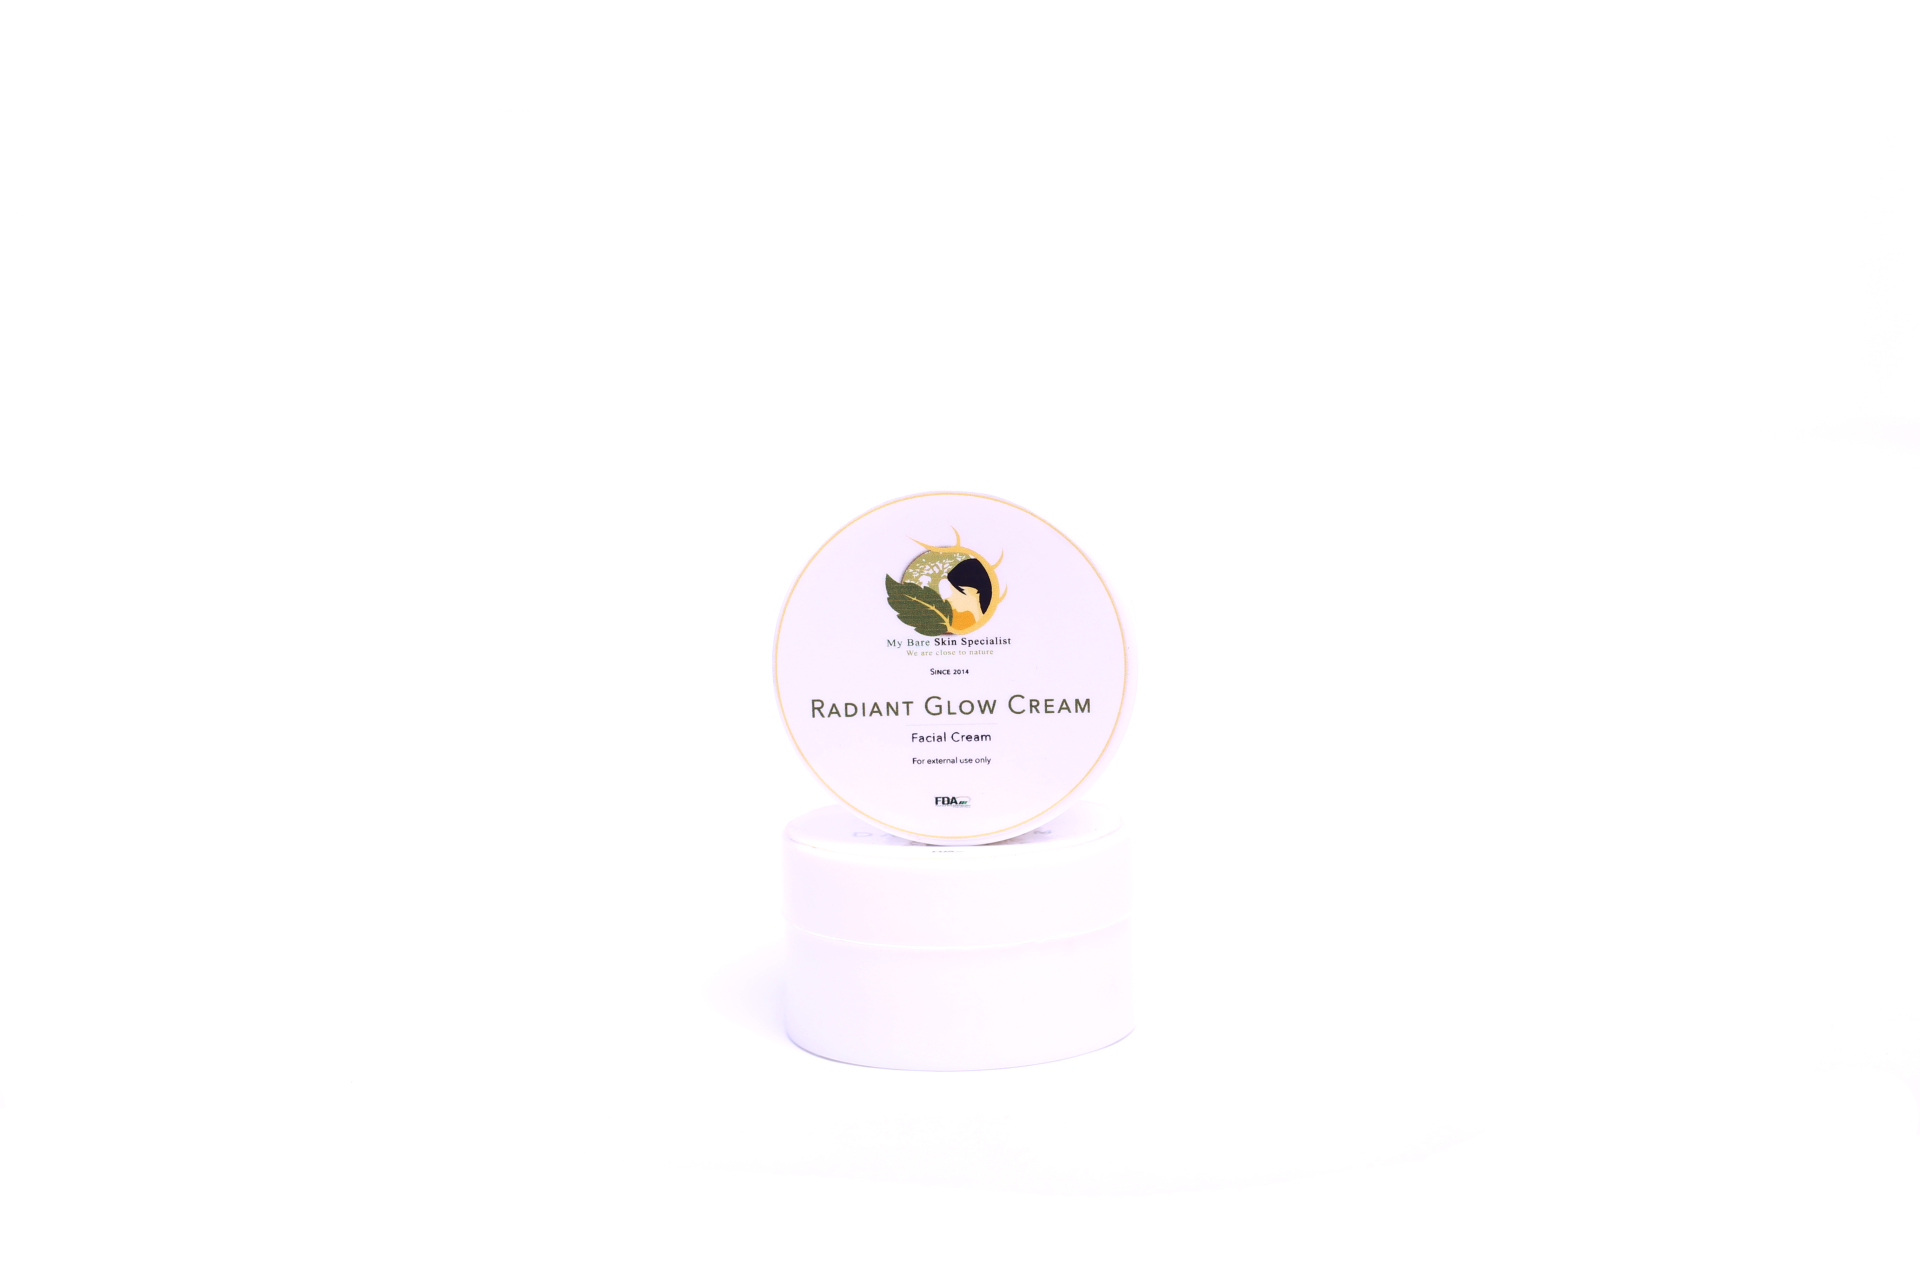 Radiant Glow Cream